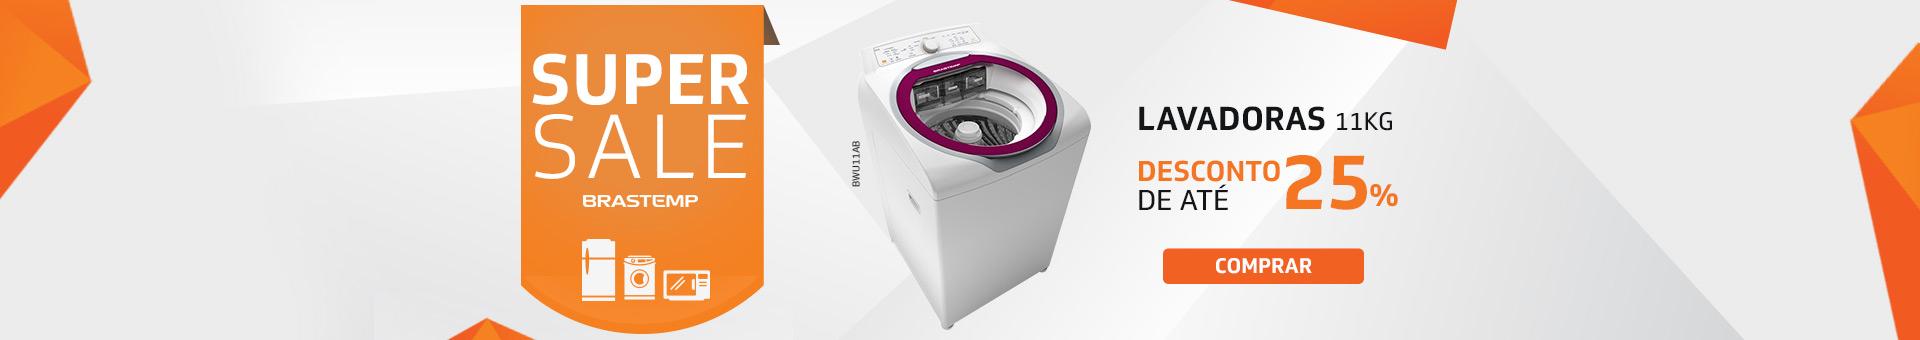 Promoção Interna - 24 - supersale - lavadoras - 4